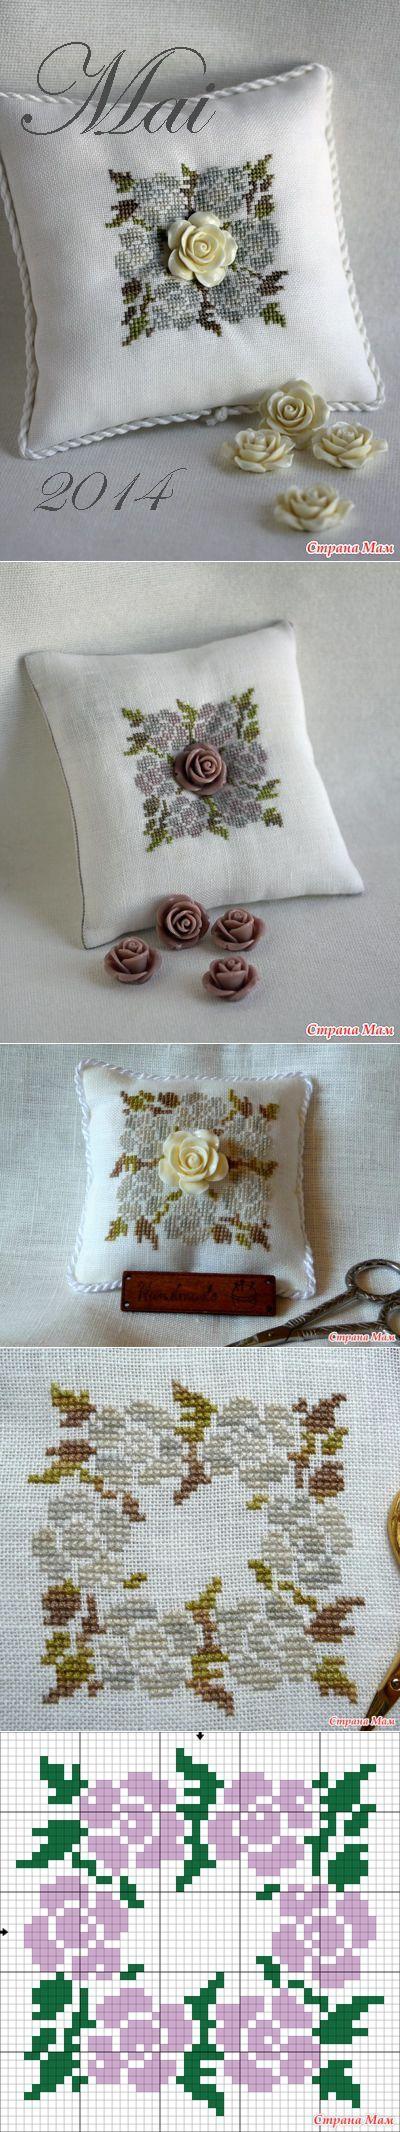 """Decorativo almohada """"Mai 2014"""" - Biskornyu y otros """"krivulki"""" - casa las mamás"""